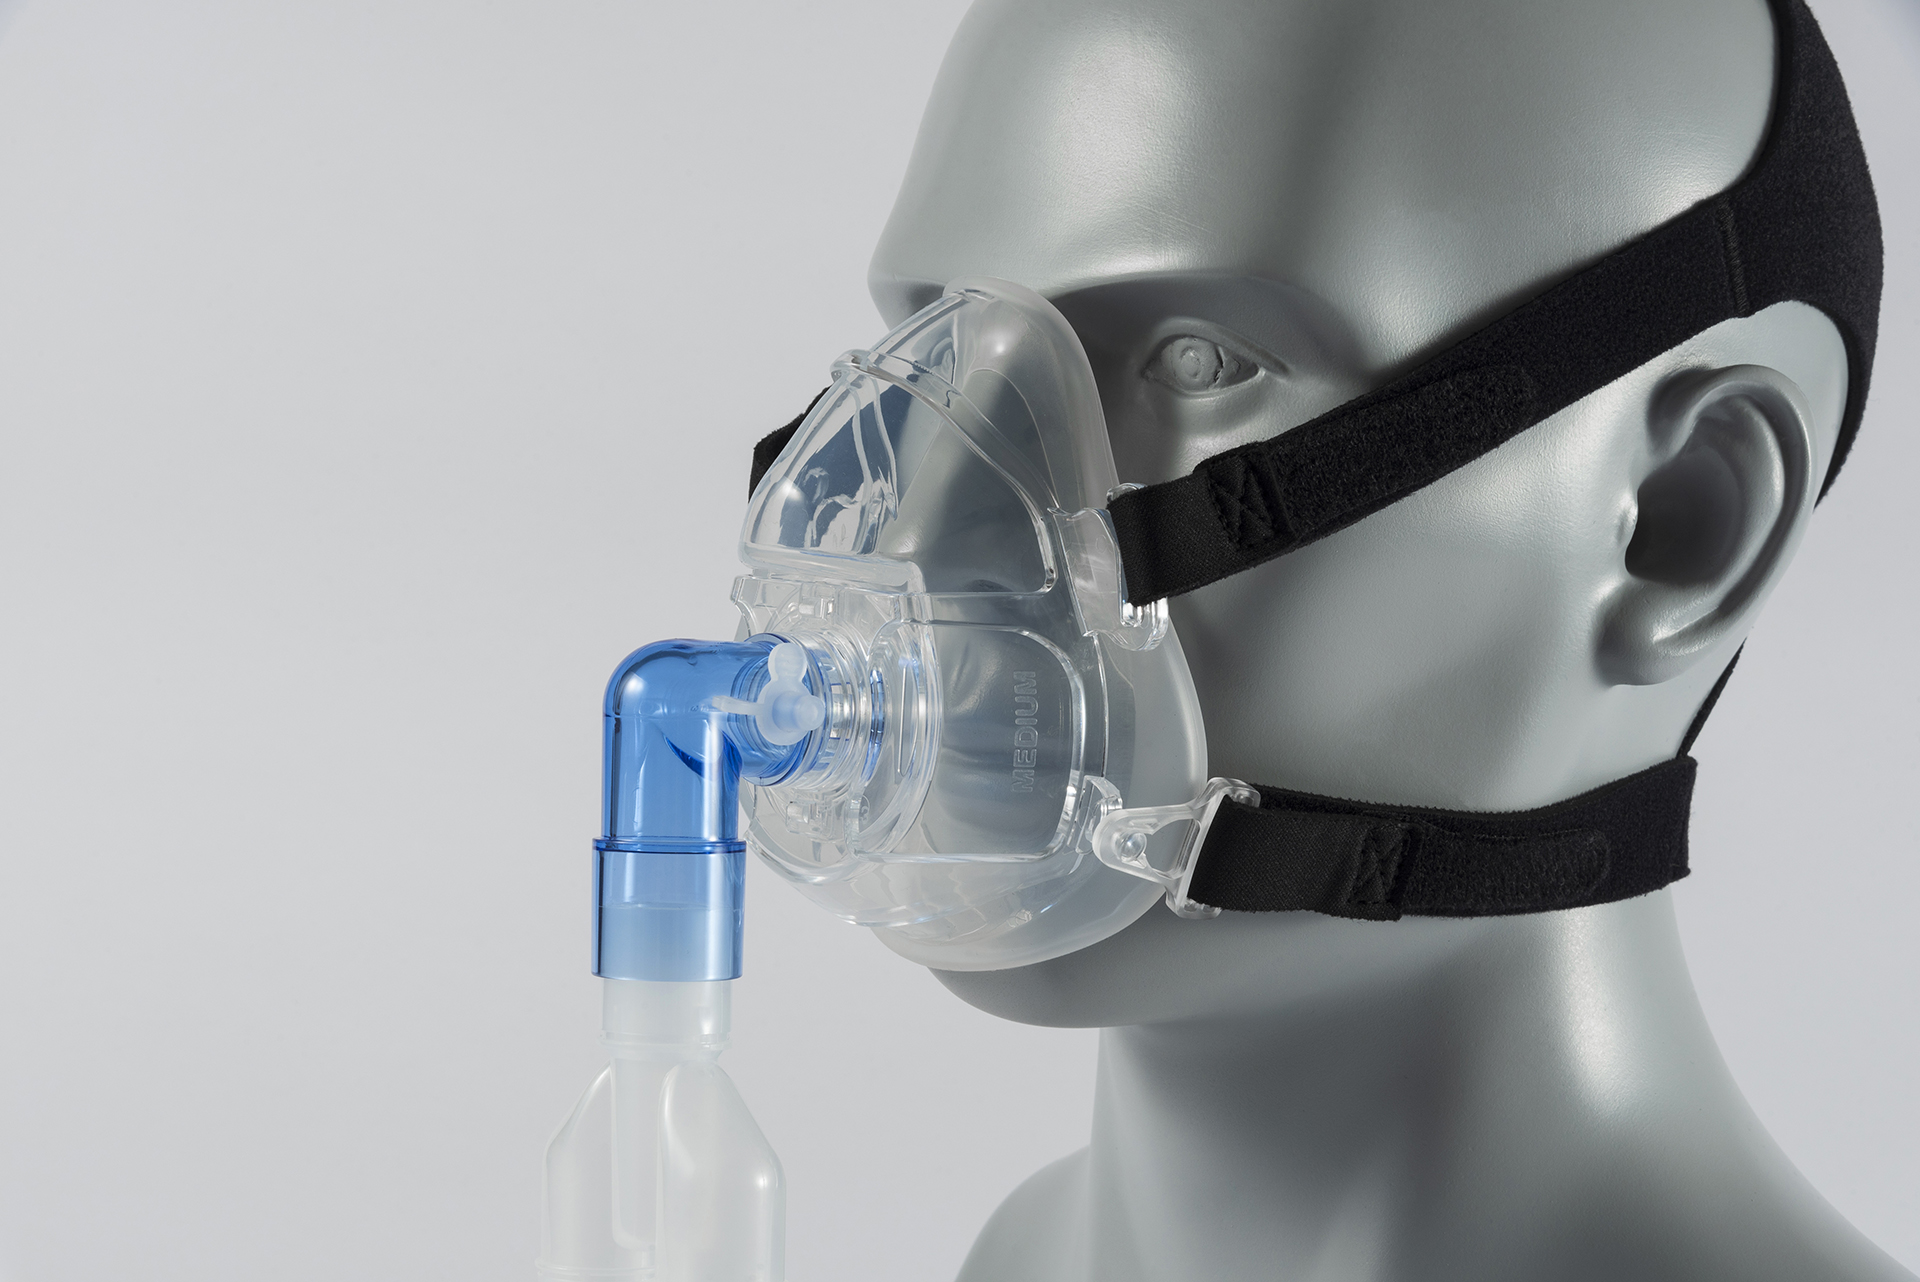 NIV Mask (non-vented)